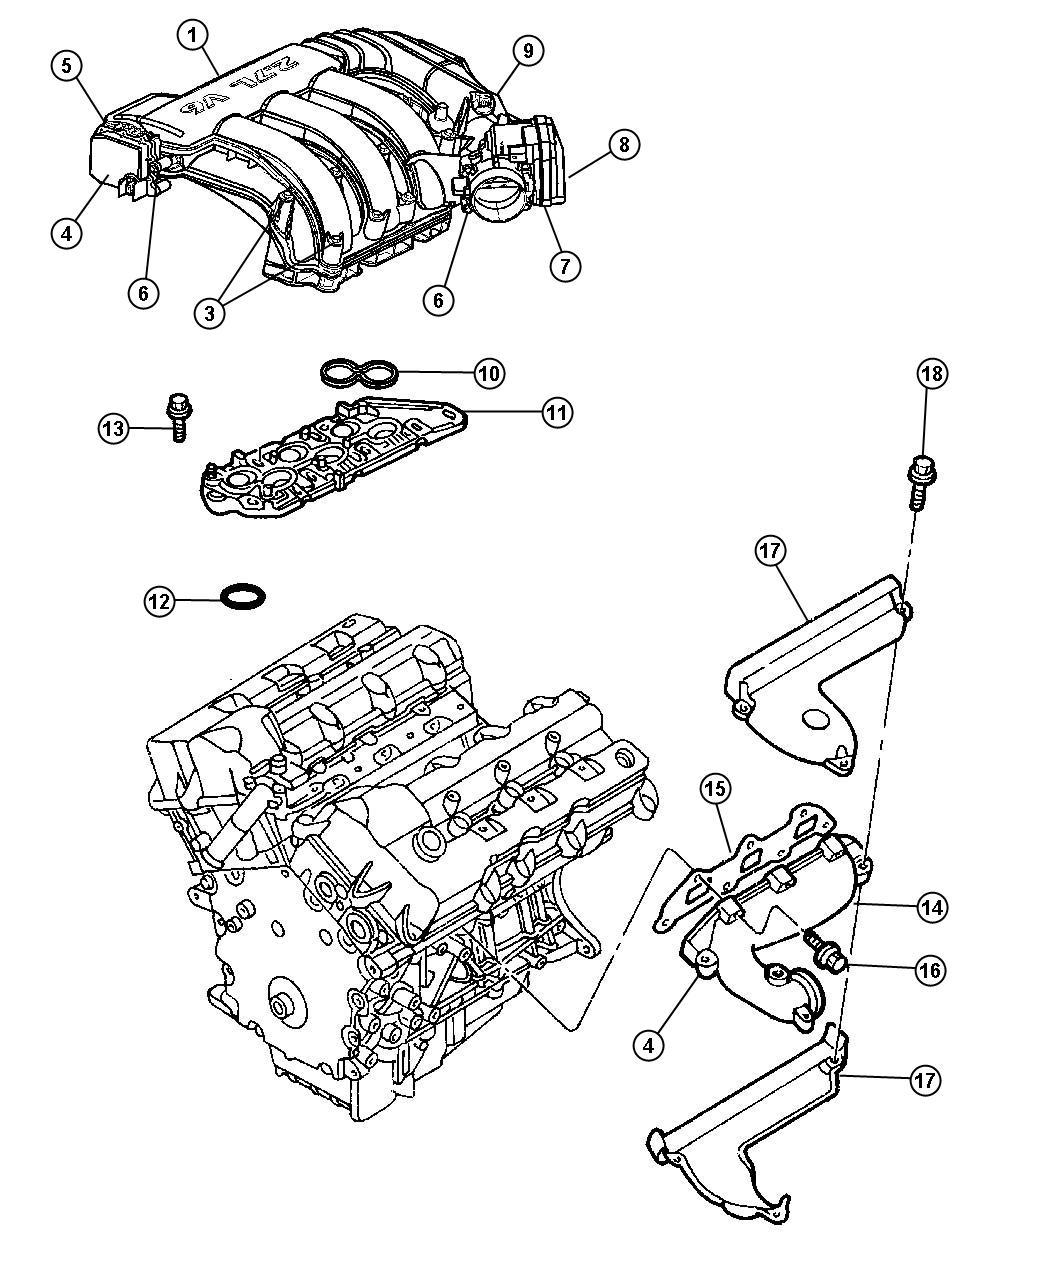 2006 Dodge Charger V6 Engine Diagram. dodge charger engine long block  remanufactured cylinder. genuine factory oem 2006 dodge magnum se v6 2.  2007 2010 dodge charger timing marks 3 5 l egg2002-acura-tl-radio.info